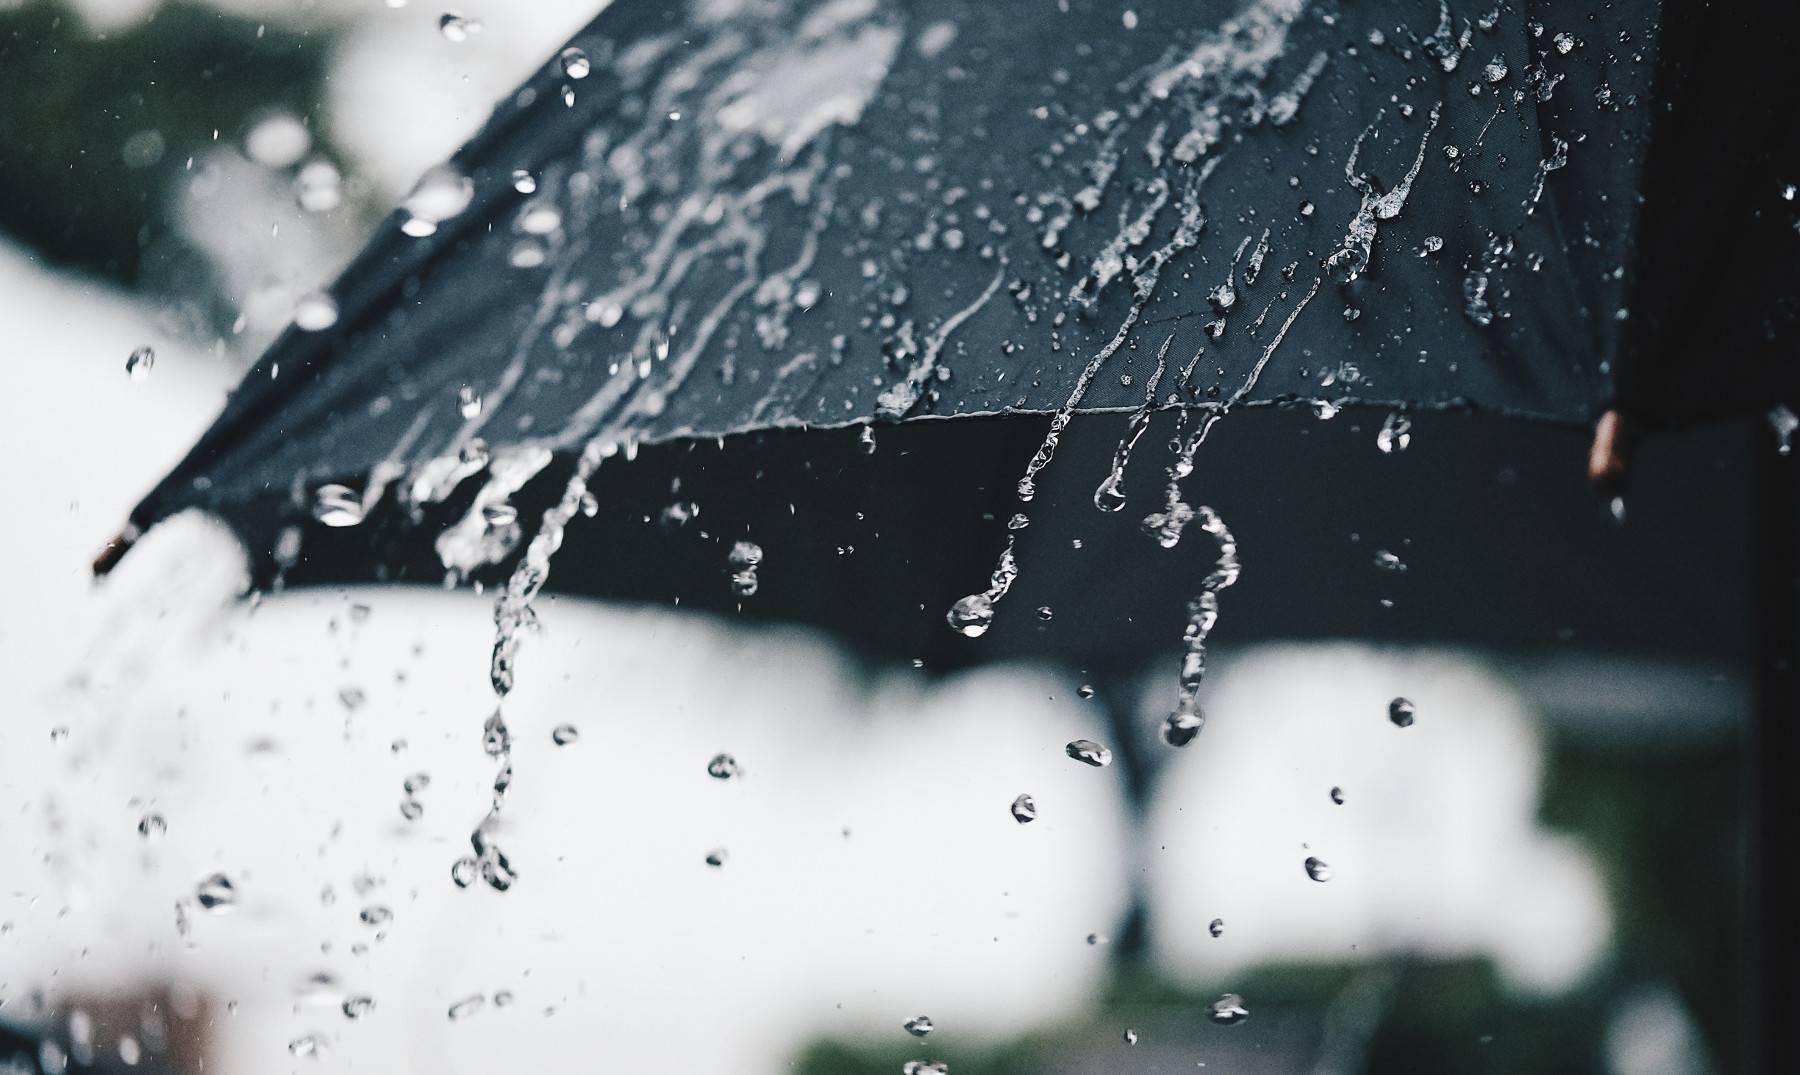 Sequía en Chile: científicos nacionales publican estudio que explica como planta en estas condiciones